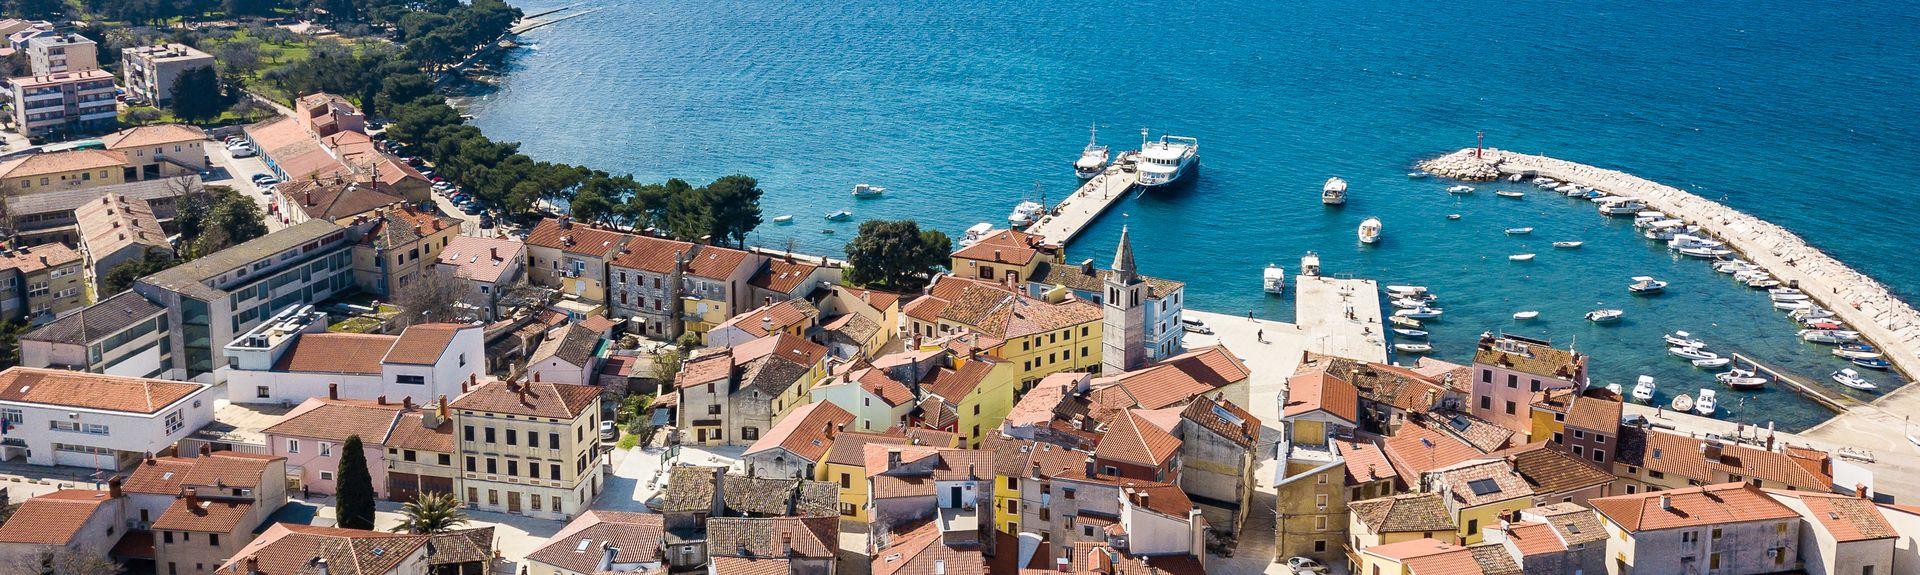 Fažana, Općina Fažana, Istarska županija, Croatia